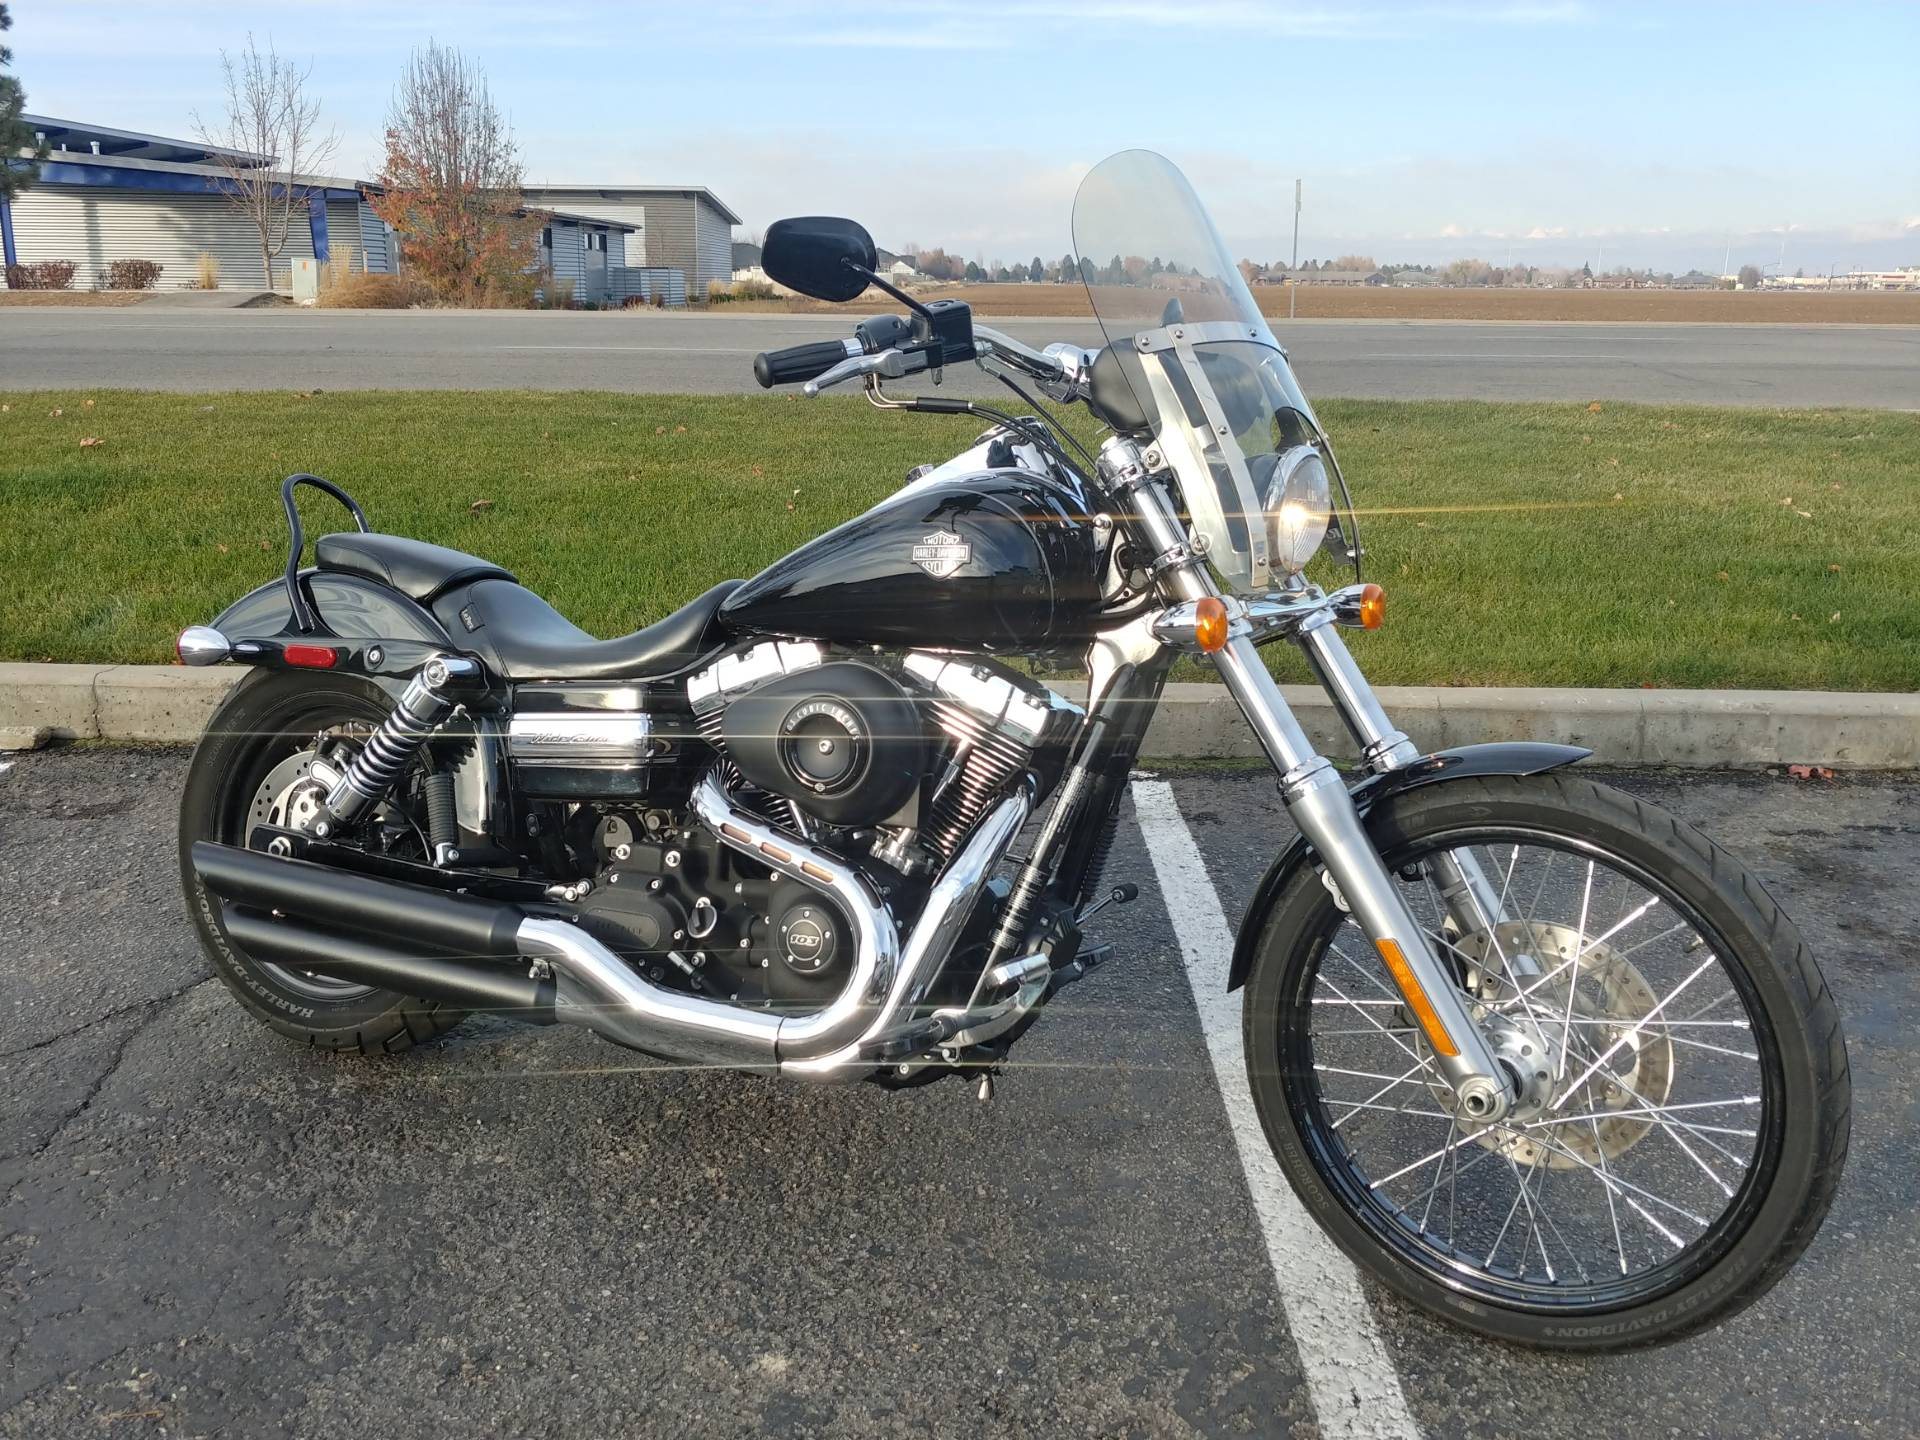 2013 Harley-Davidson Dyna Wide Glide for sale 2945